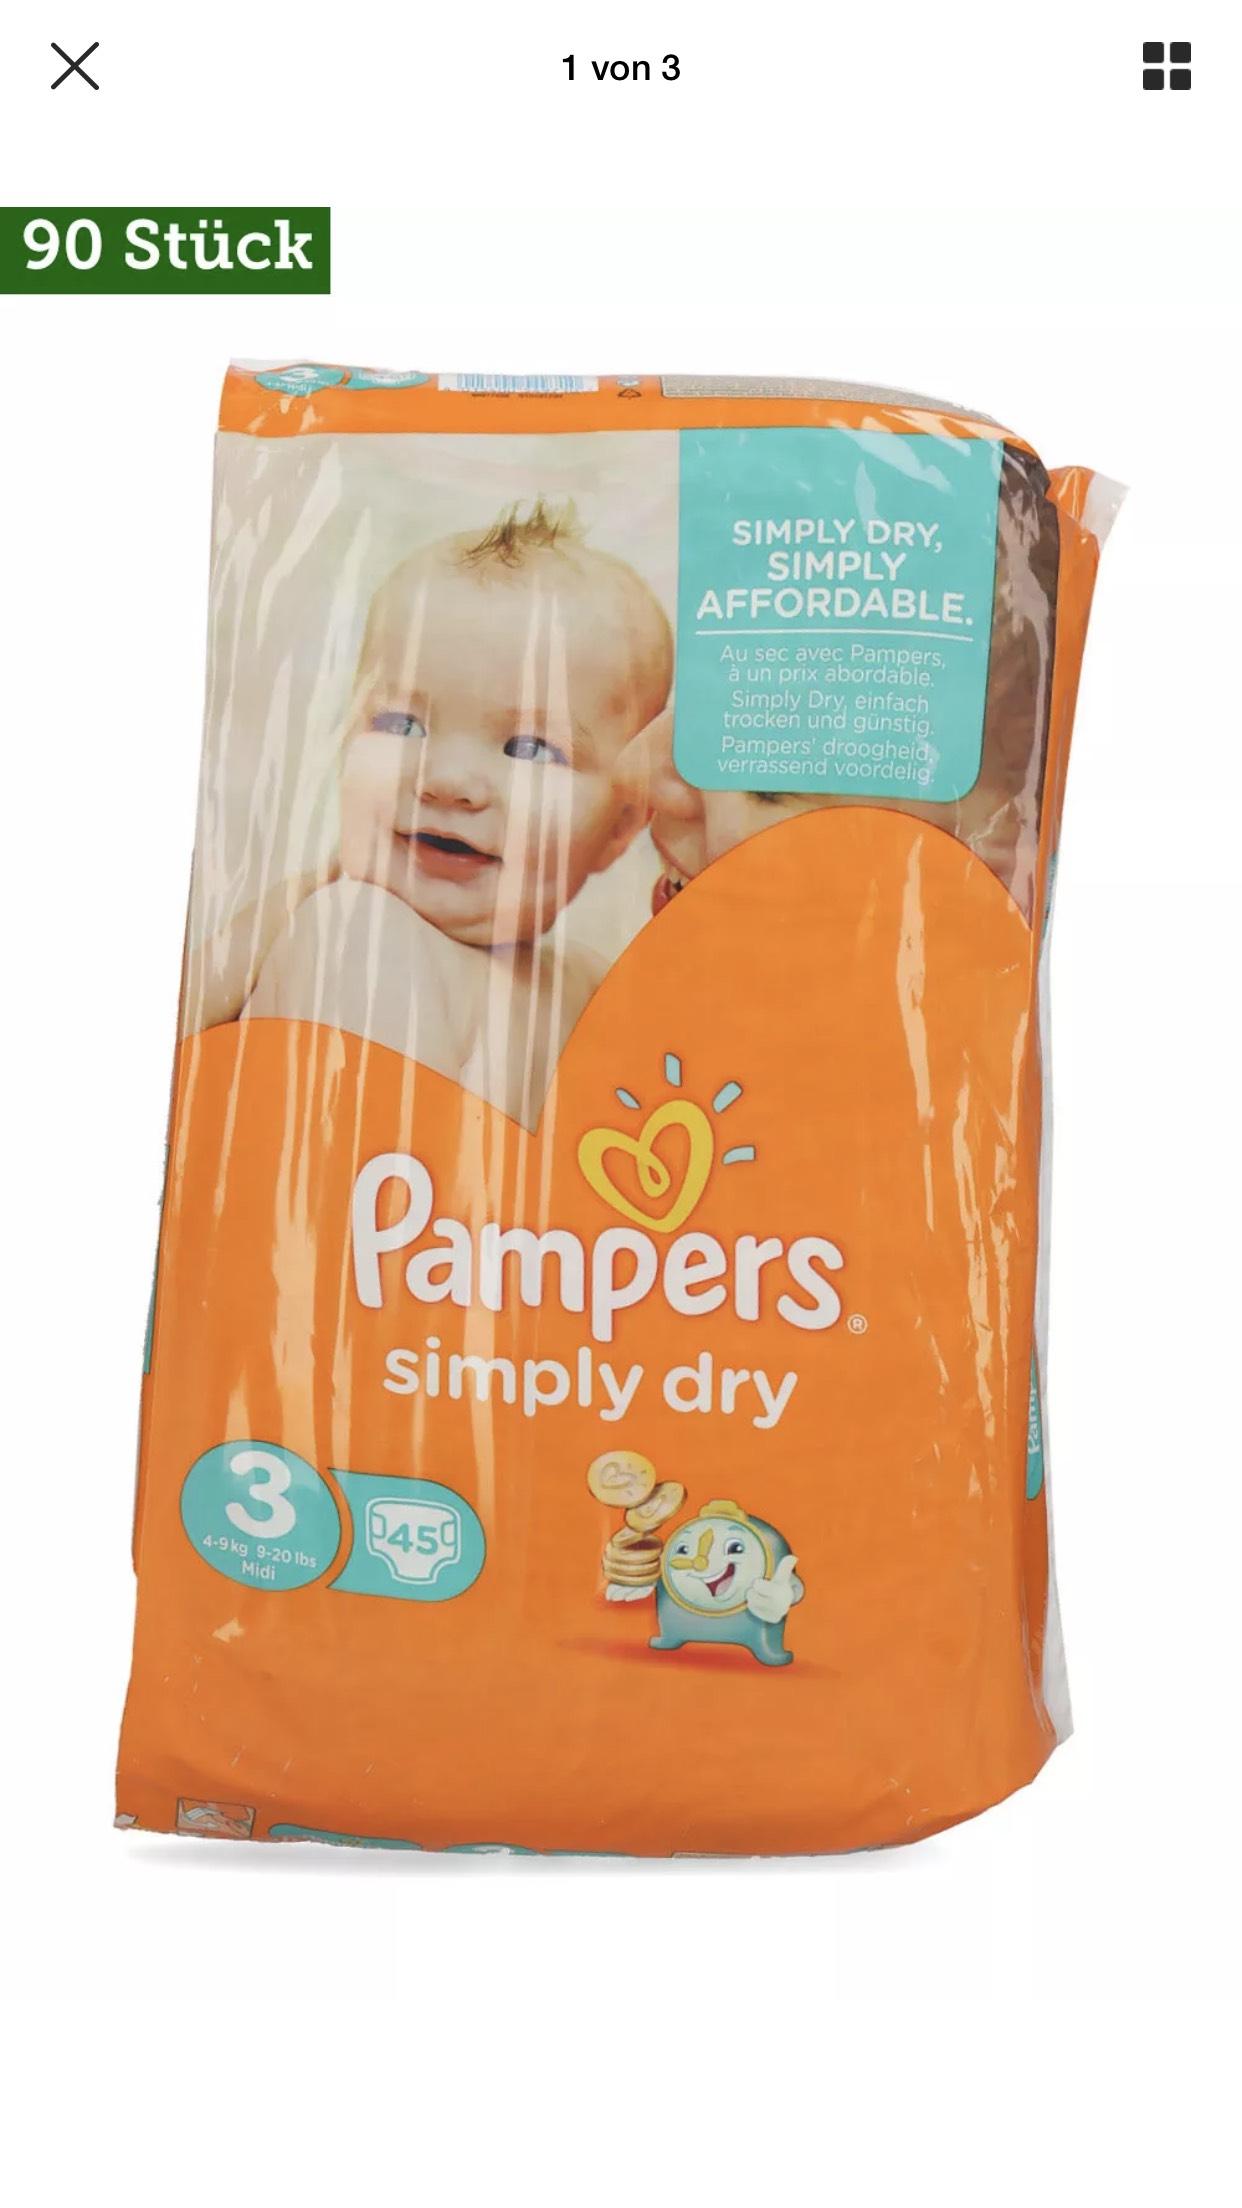 [ebay] Pampers Simply Dry Gr. 3 90 Stück